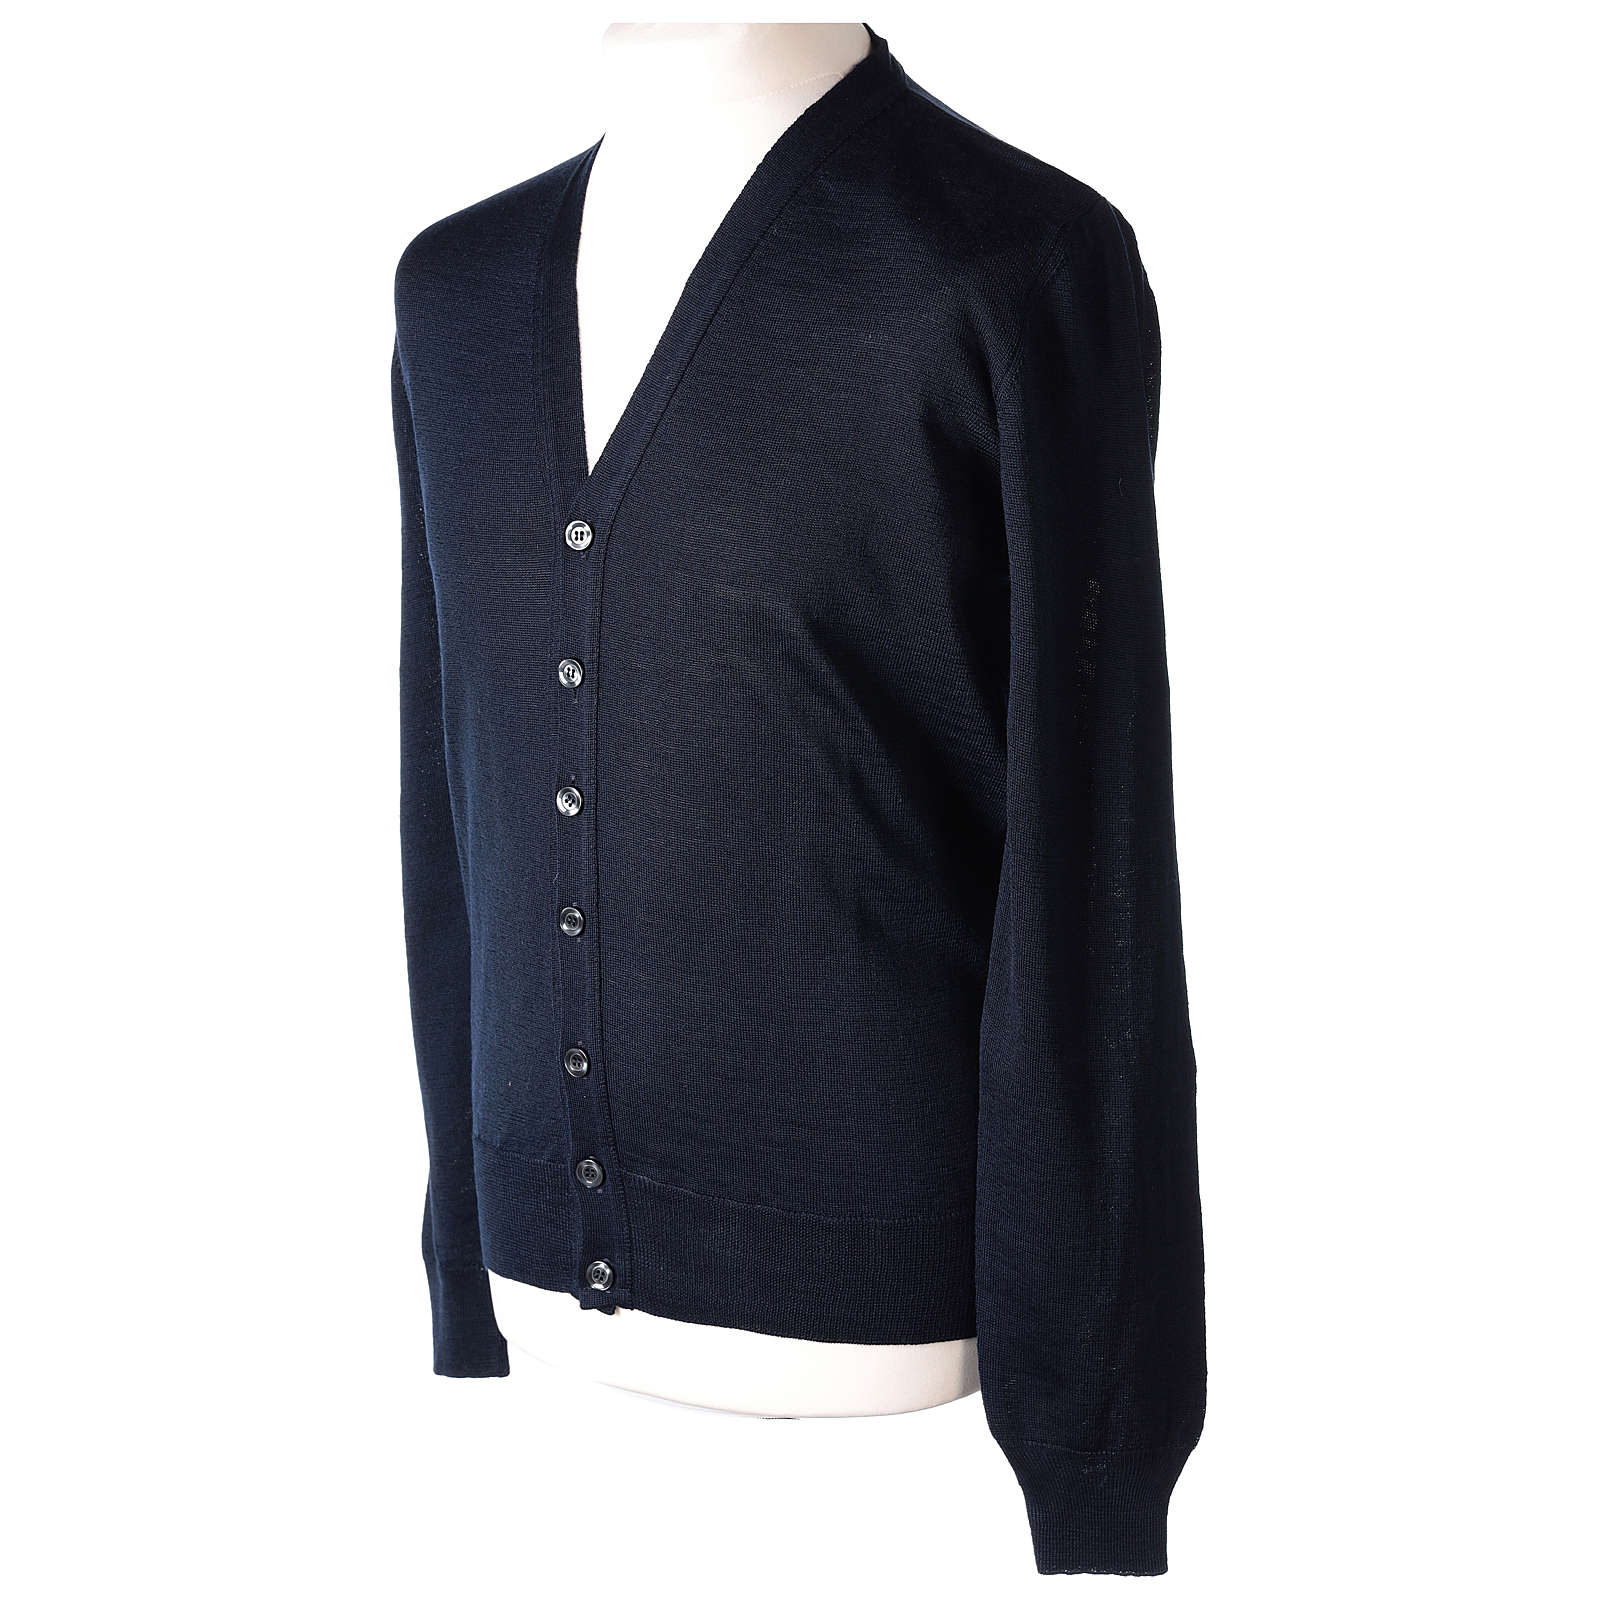 Gilet prêtre bleu jersey simple 50% acrylique 50% laine mérinos In Primis 4